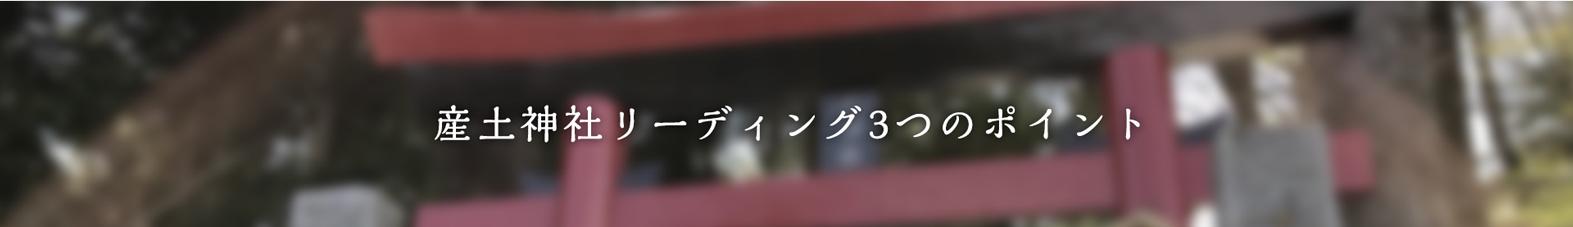 産土神社リーディング3つのポイント